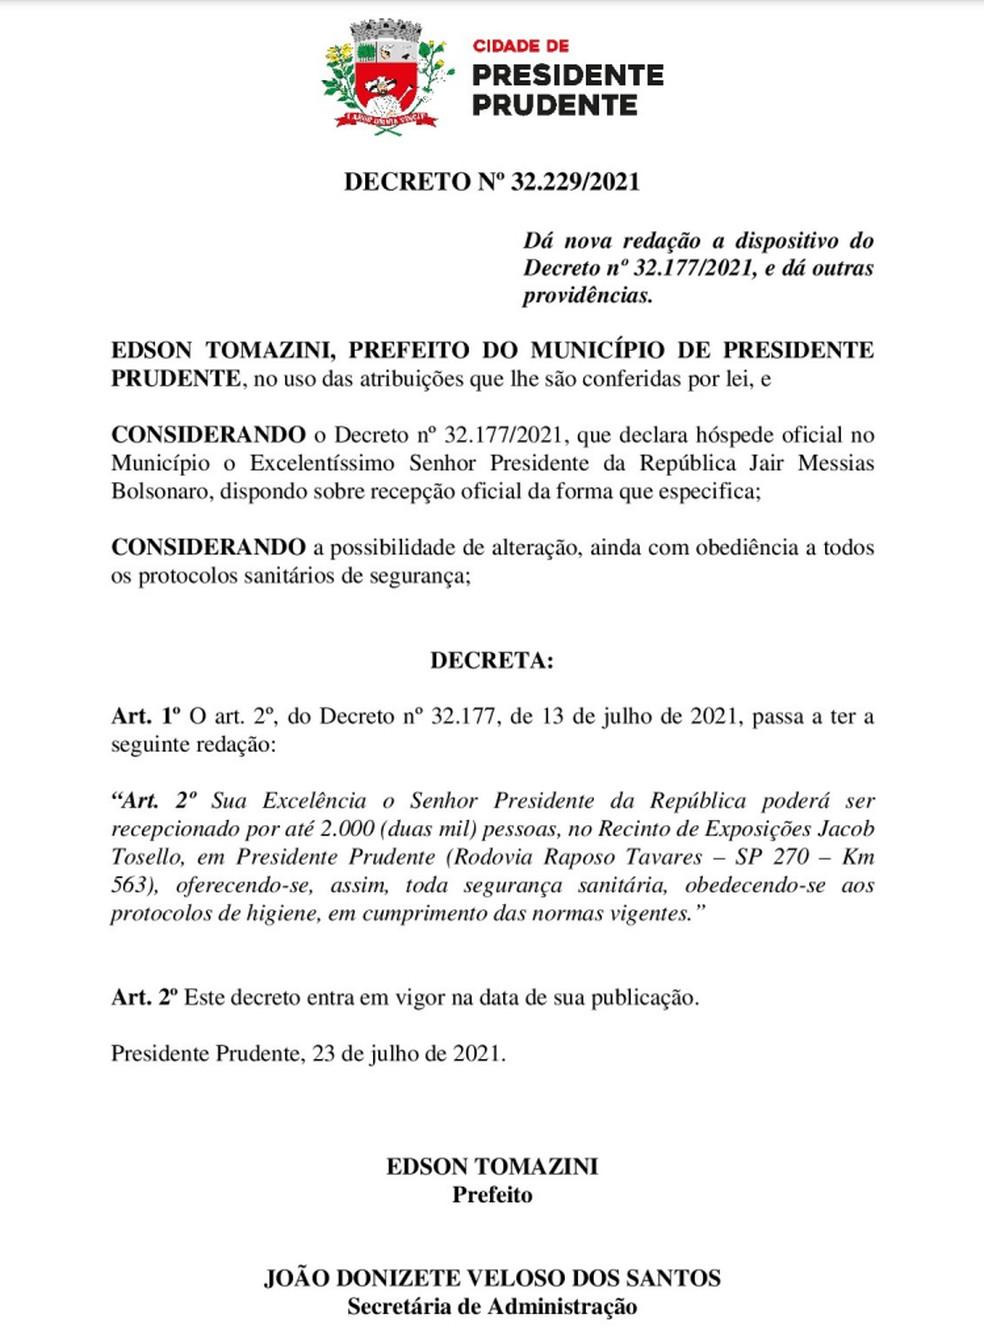 Decreto nº 32.229, publicado nesta terça-feira (27), aumentou para até 2 mil pessoas o público permitido no evento com Bolsonaro no Recinto de Exposições de Presidente Prudente — Foto: Reprodução